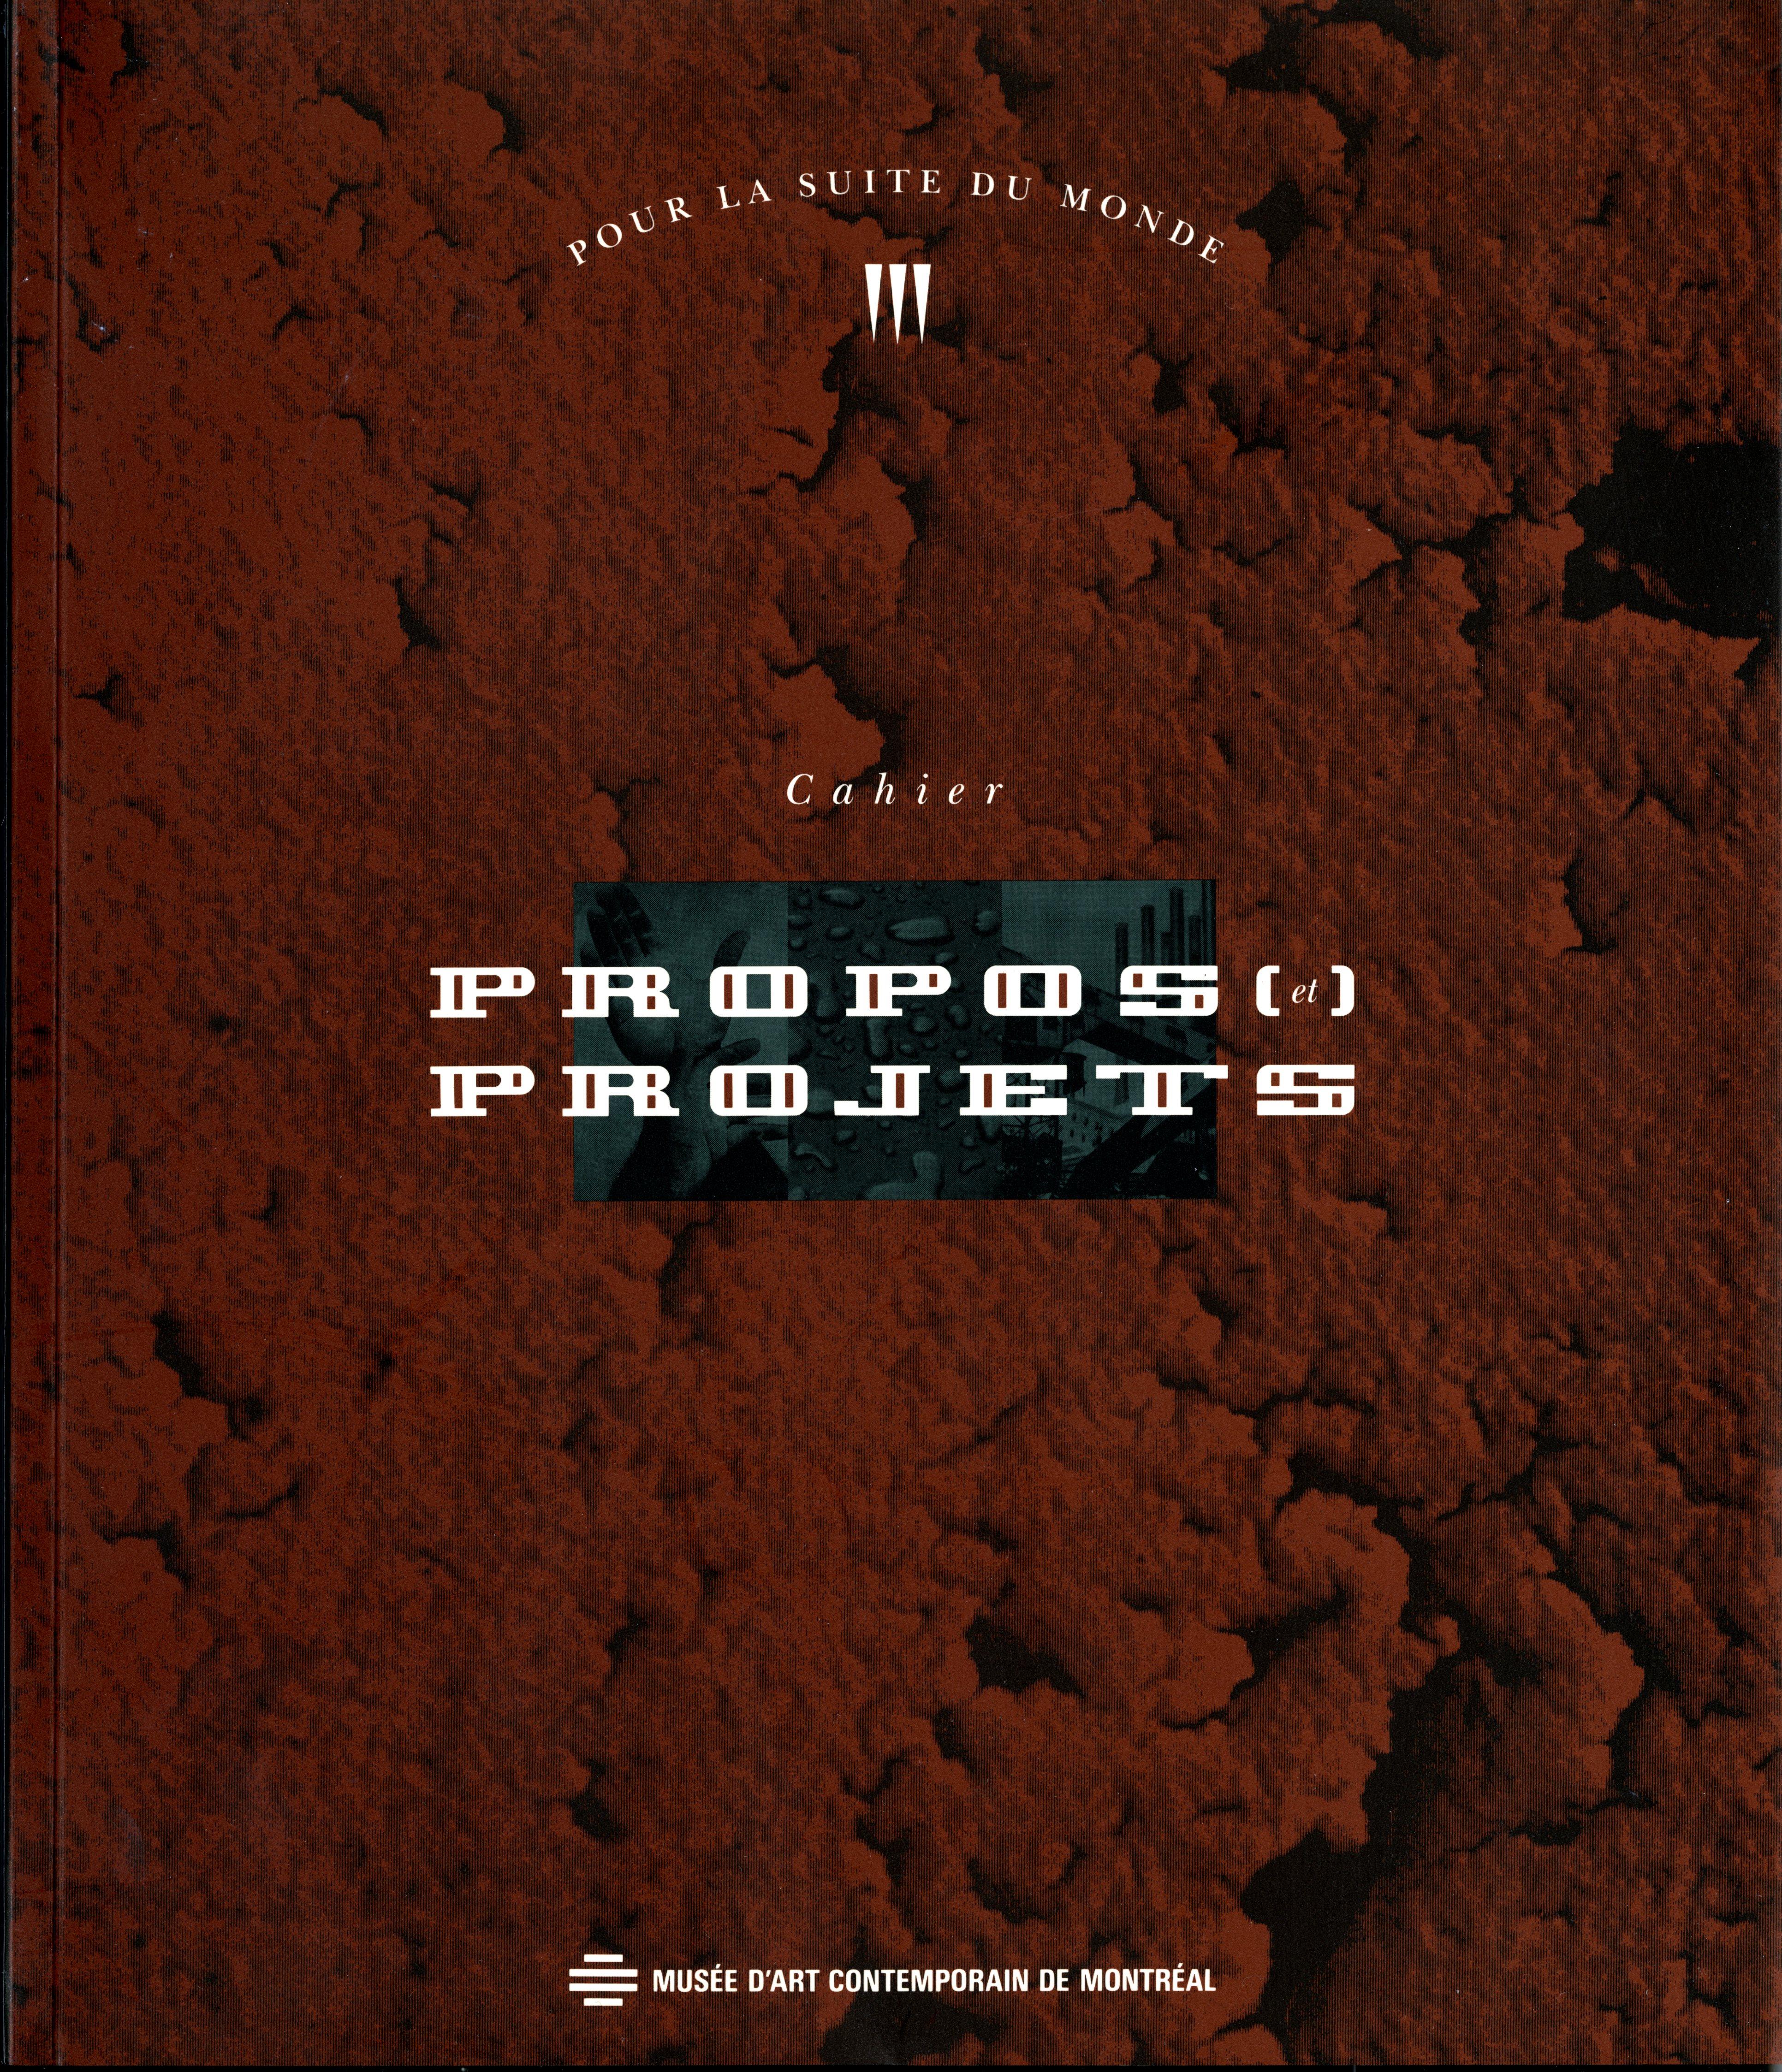 cahier : propos et projets